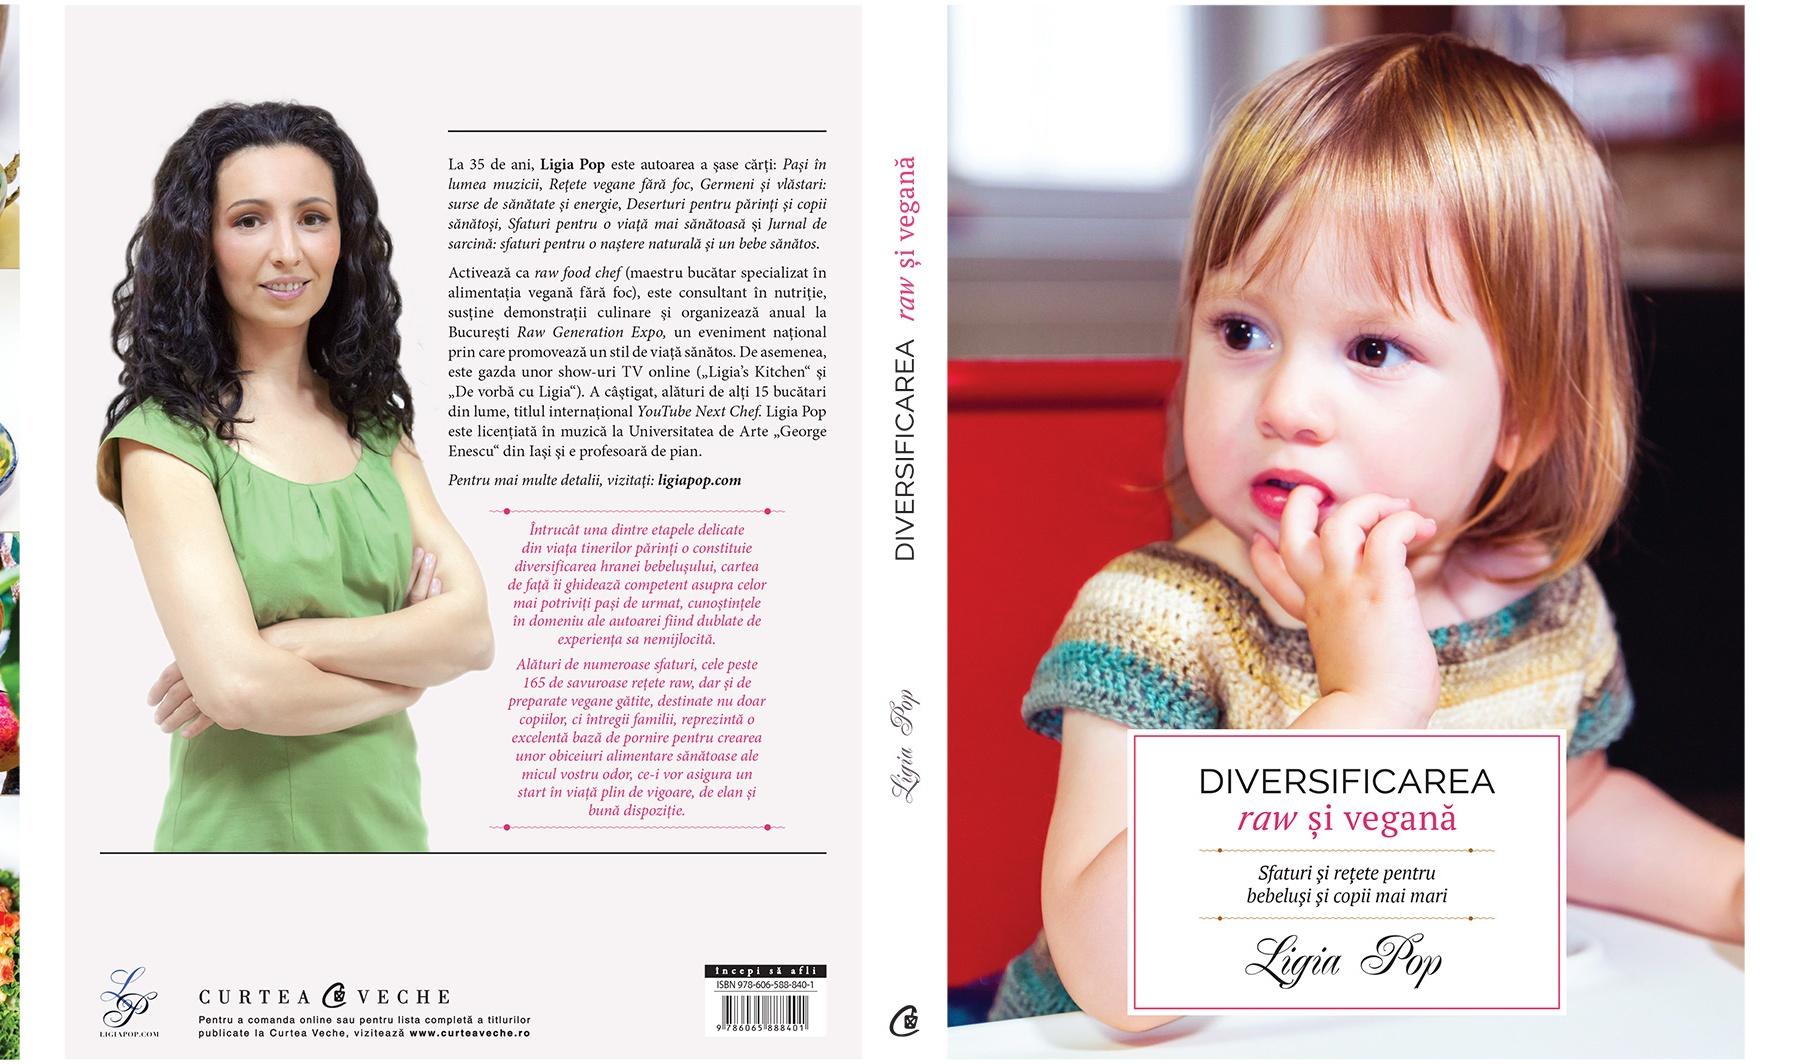 Diversificarea raw și vegană: sfaturi și rețete pentru bebeluși și copii mai mari, coperta integrală, ediția I